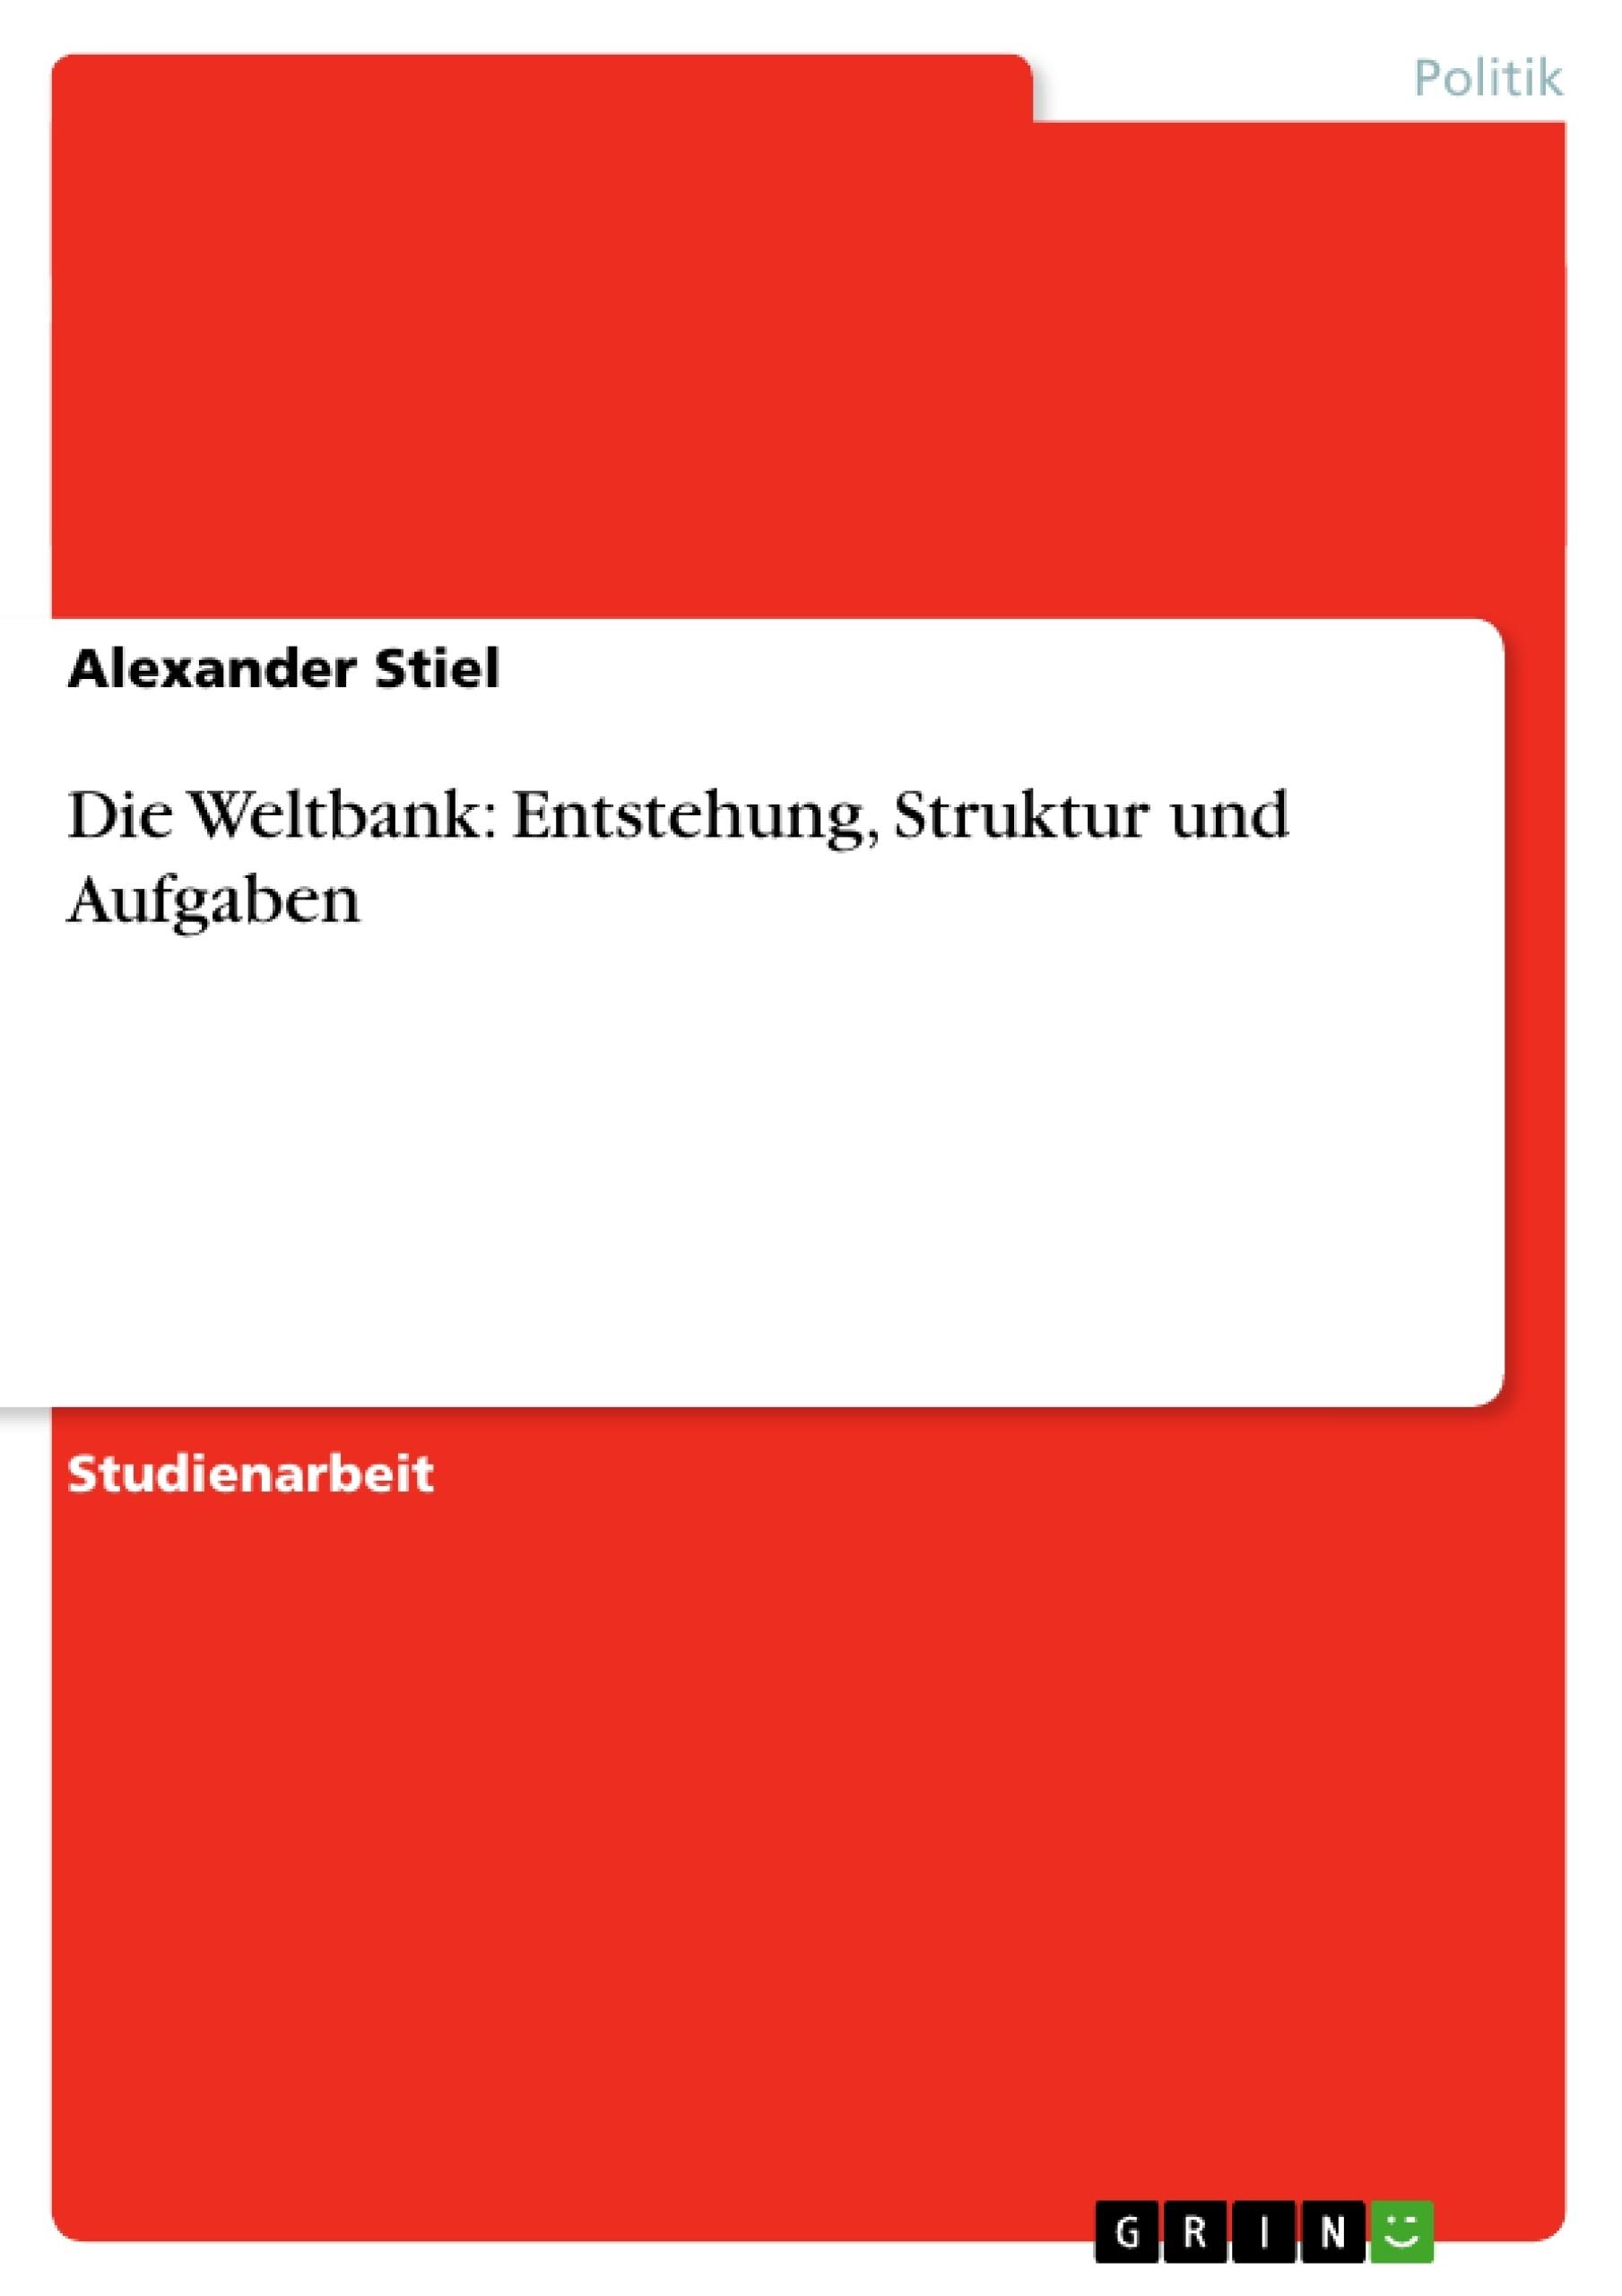 Titel: Die Weltbank: Entstehung, Struktur und Aufgaben